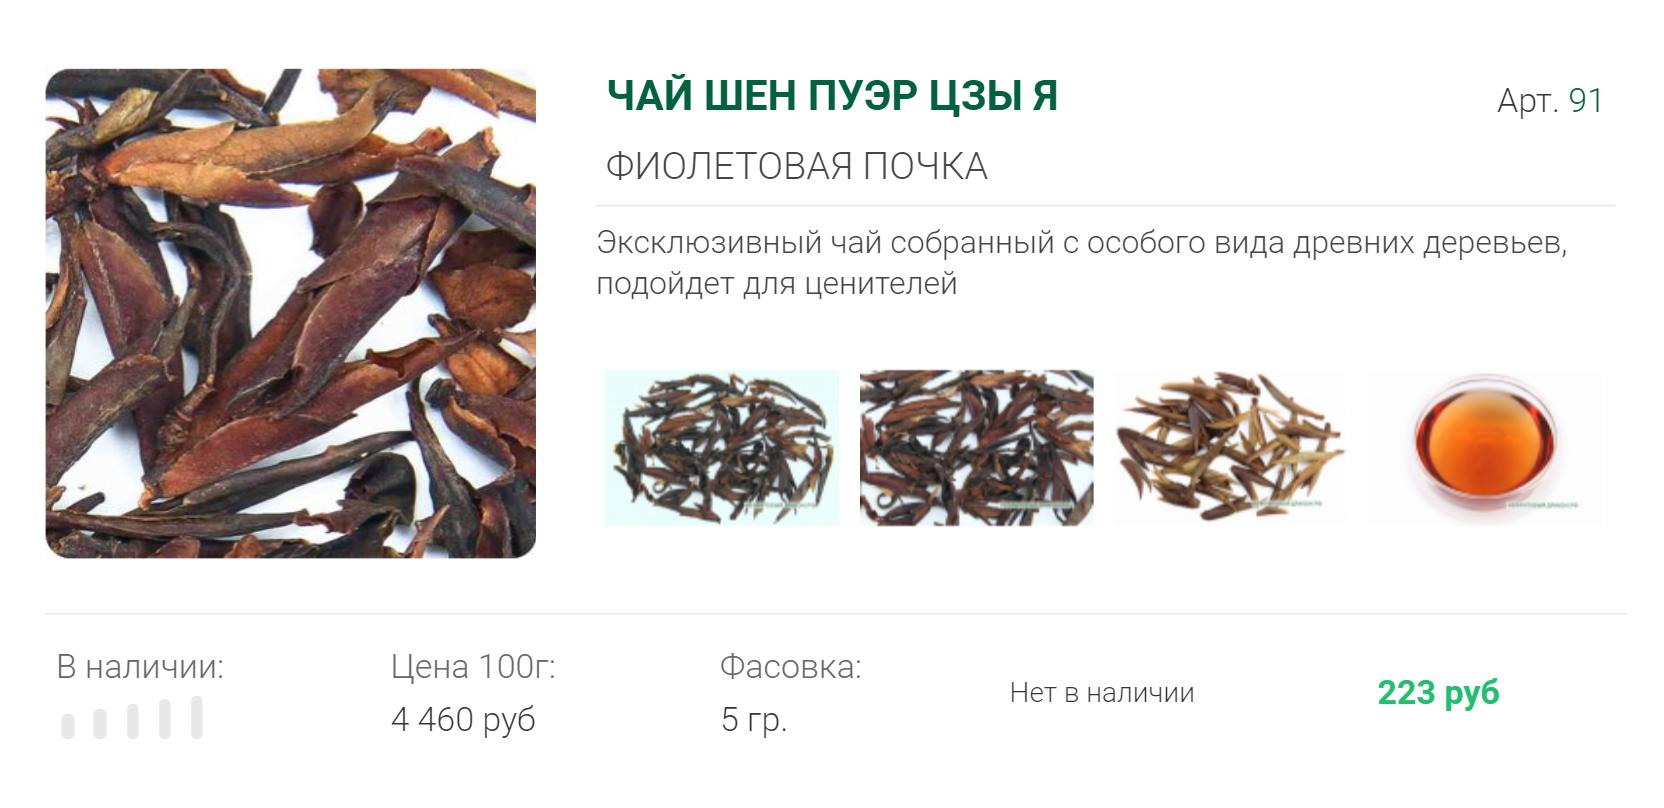 Цзы Я делают из пурпурных илифиолетовых почек, содержащих цветные растительные пигменты — антоцианы. В заваренном виде он похож на некрепкий настой красного чая. Источник: nefritdrakon.ru